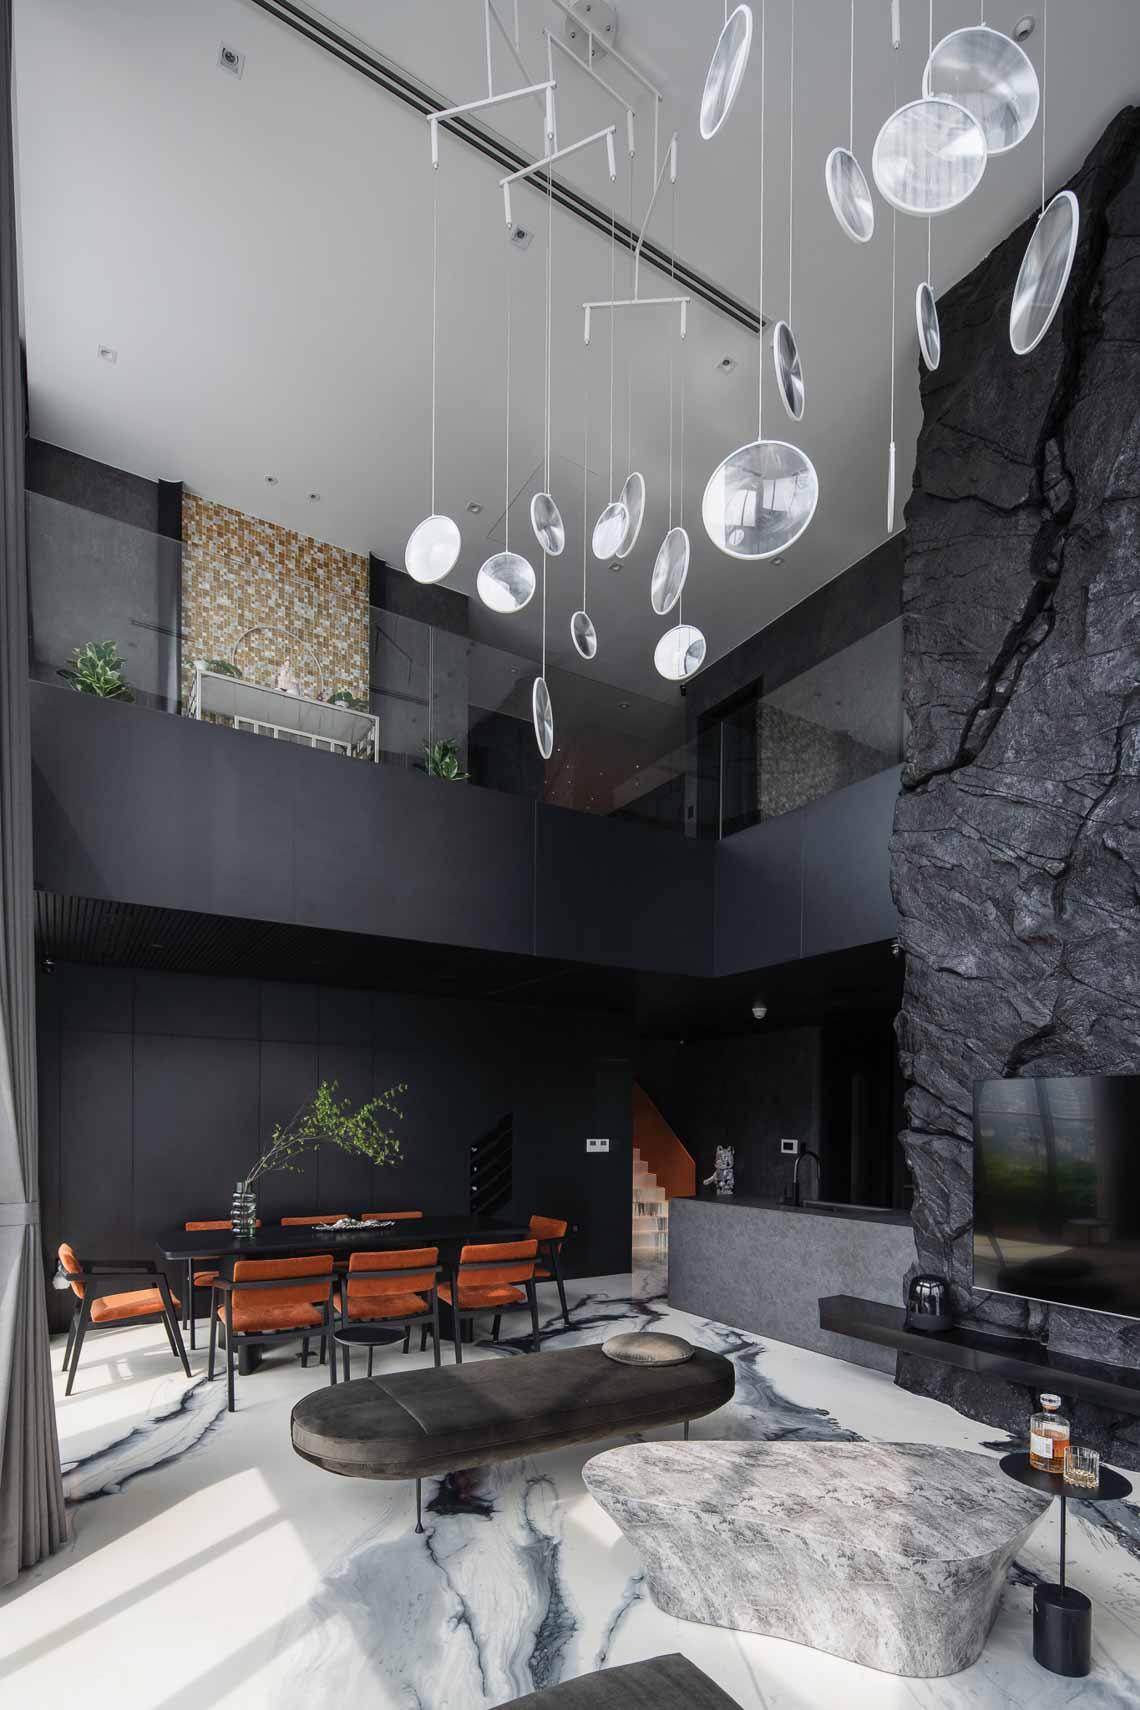 Đưa đường nét thiên nhiên vào không gian nội thất - 5